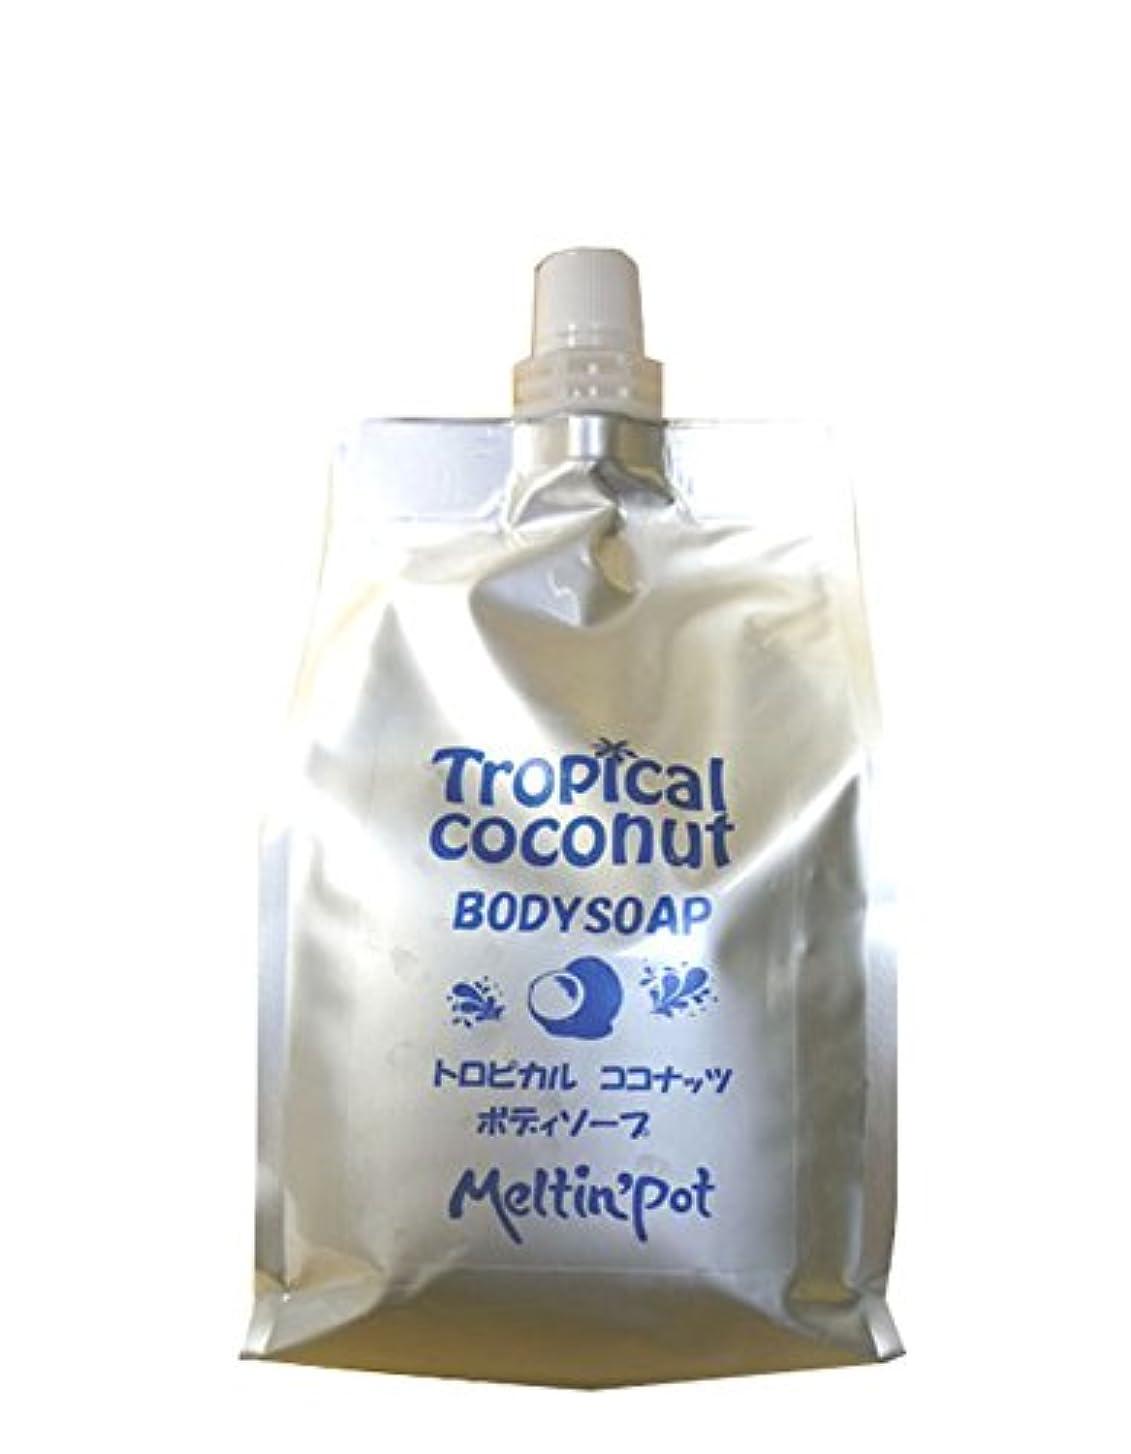 肉屋許可する漏れトロピカルココナッツ ボディソープ 1000ml 詰め替え Tropical coconut Body Soap 加齢臭に! [MeltinPot]